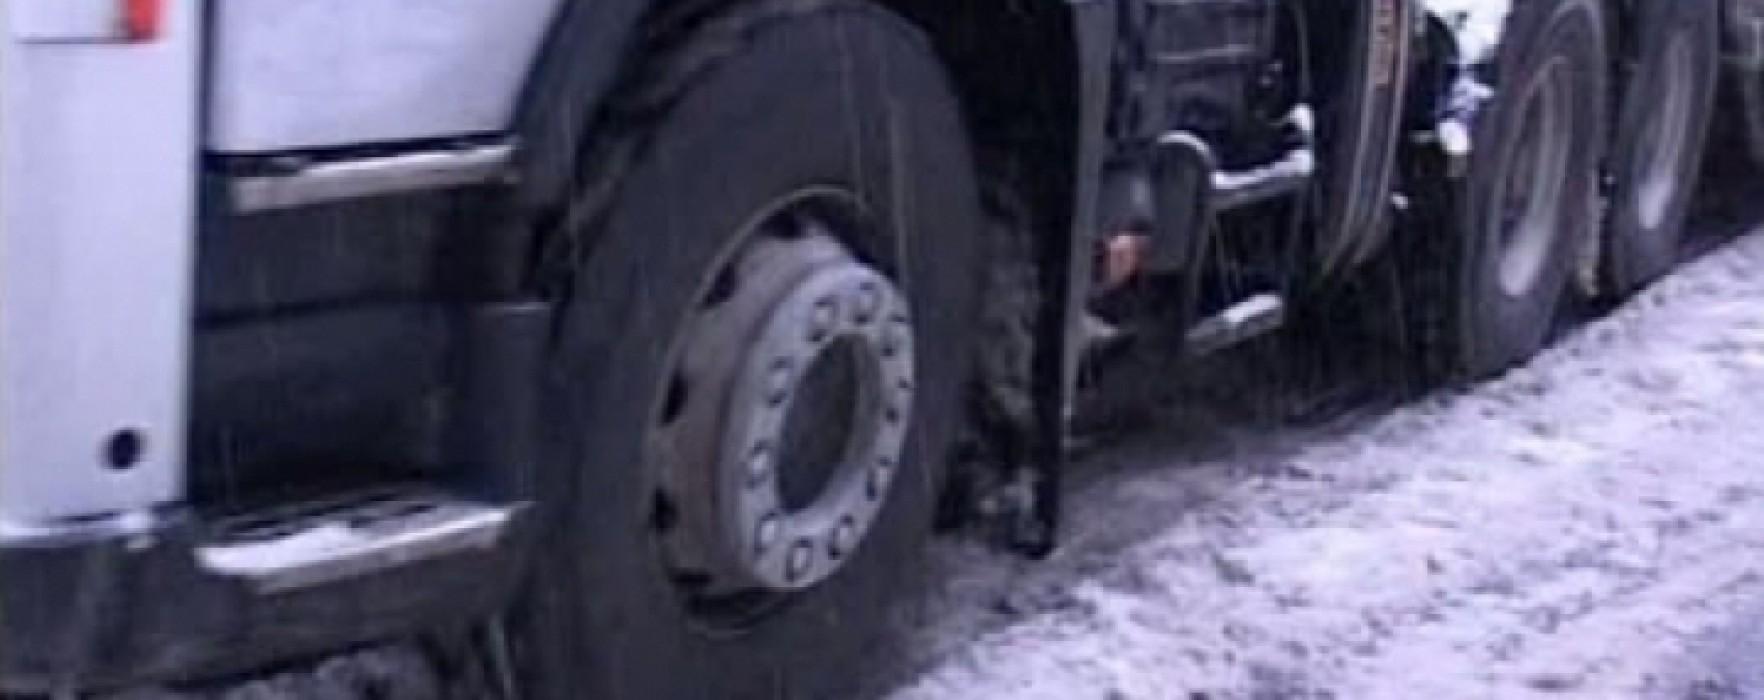 UPDATE DN 72 Târgovişte-Găeşti, deblocat